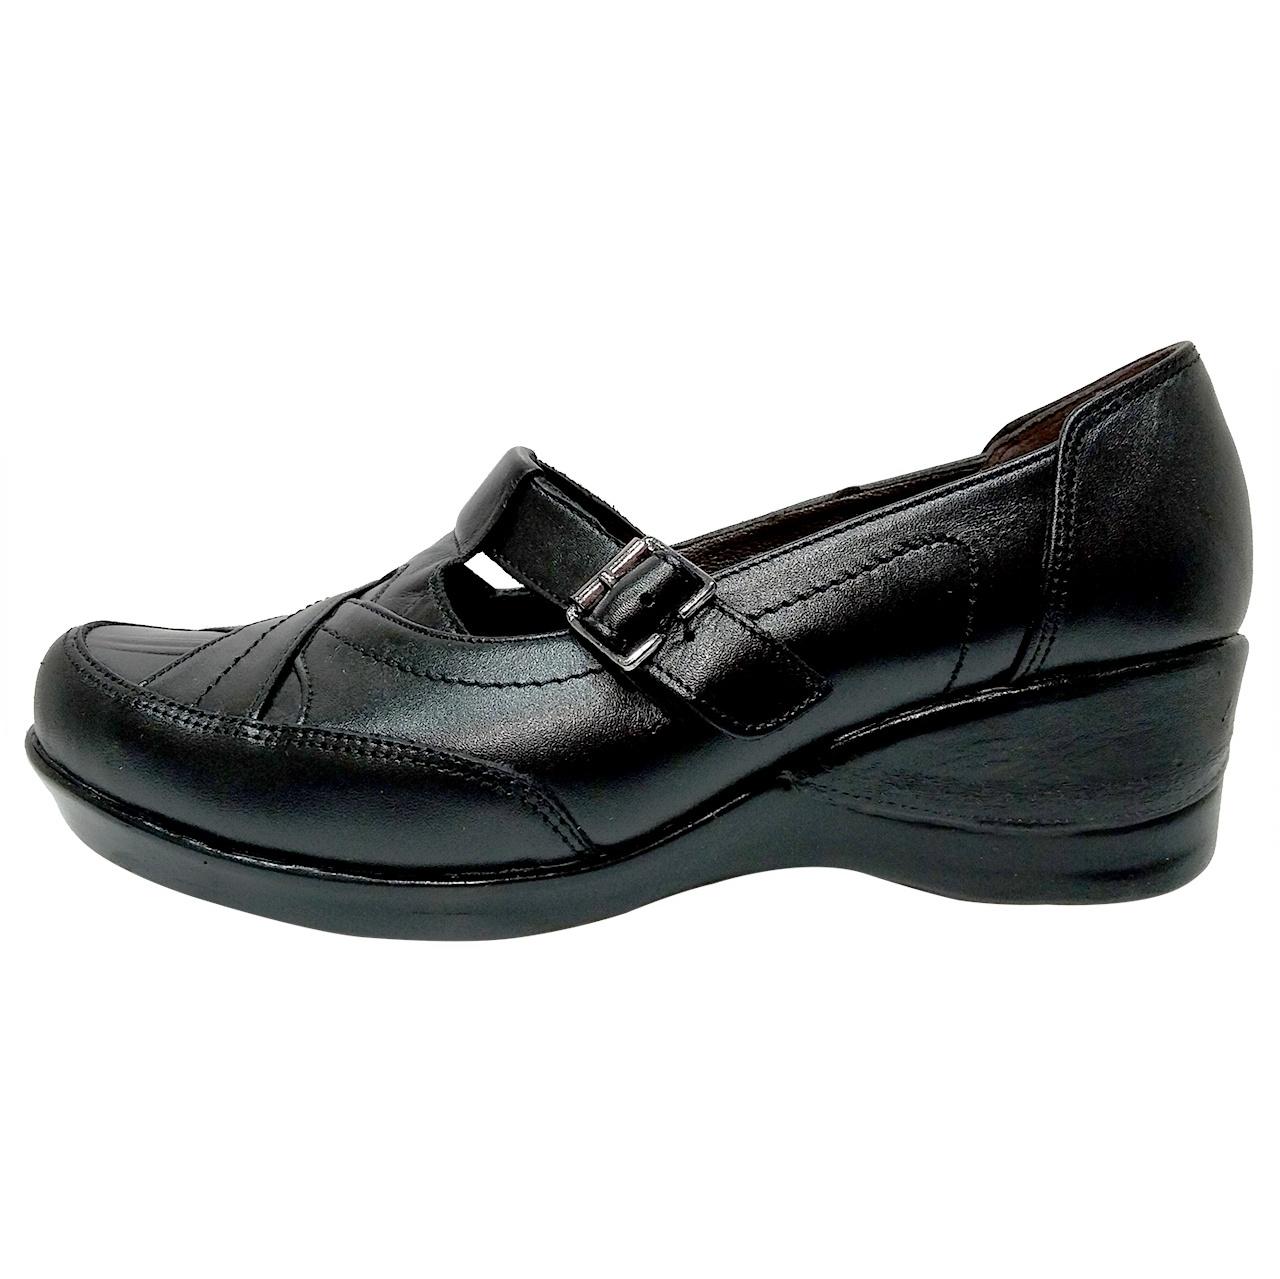 خرید                      کفش روزمره زنانه روشن مدل 220 کد 01